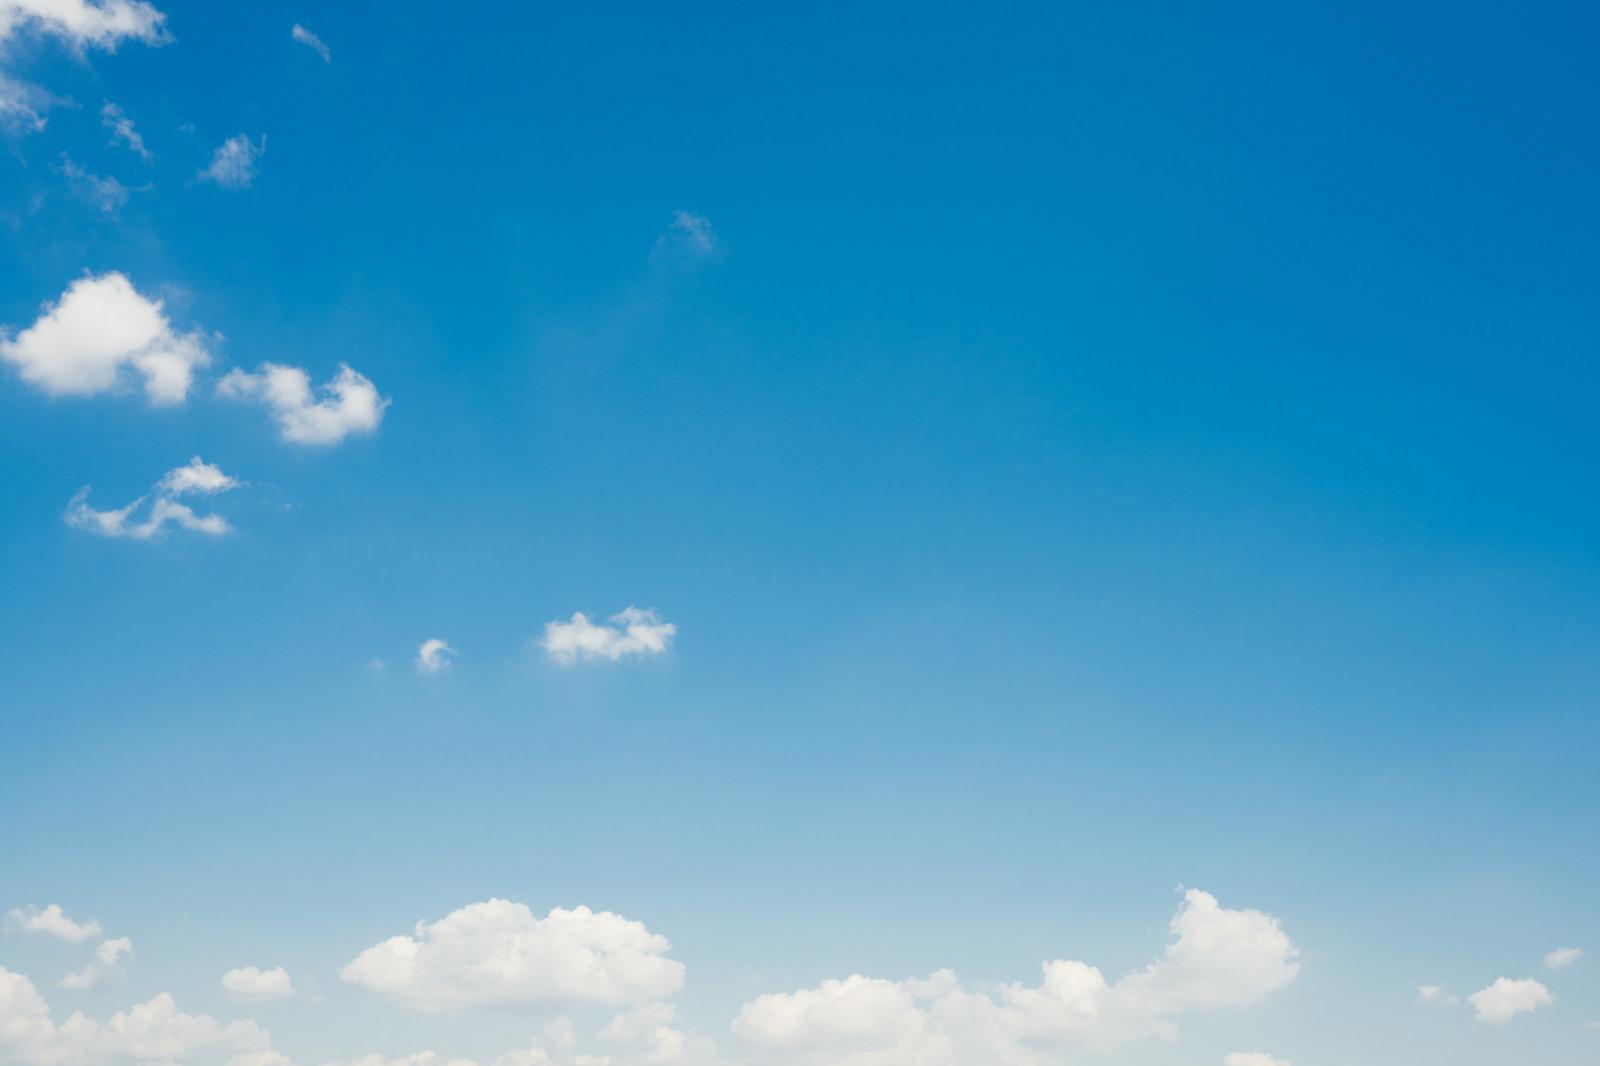 「青空に少し雲が出てきた青空に少し雲が出てきた」のフリー写真素材を拡大